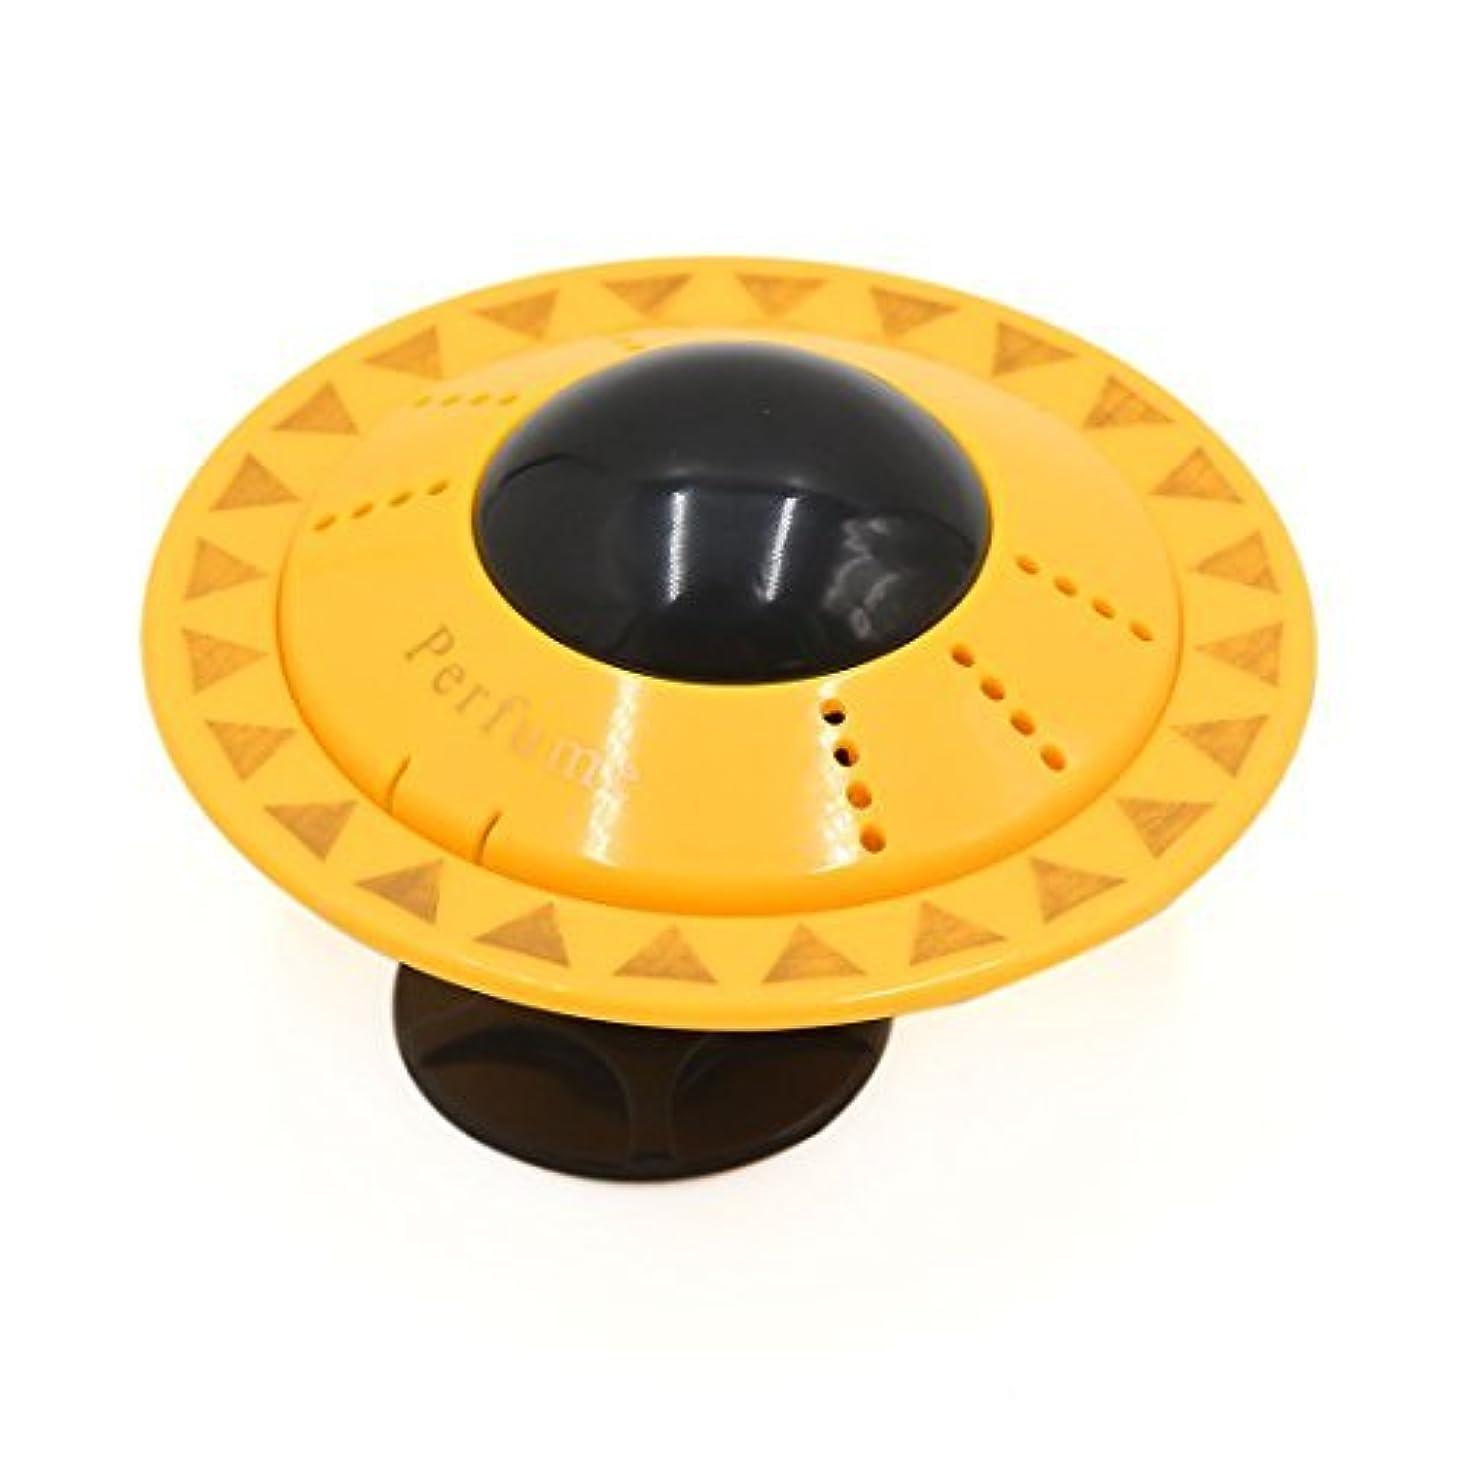 ロール刺繍ファブリックDealMuxイエローUFO形のデザインカー香水ブロックフレグランスディフューザーエアーフレッシュナー